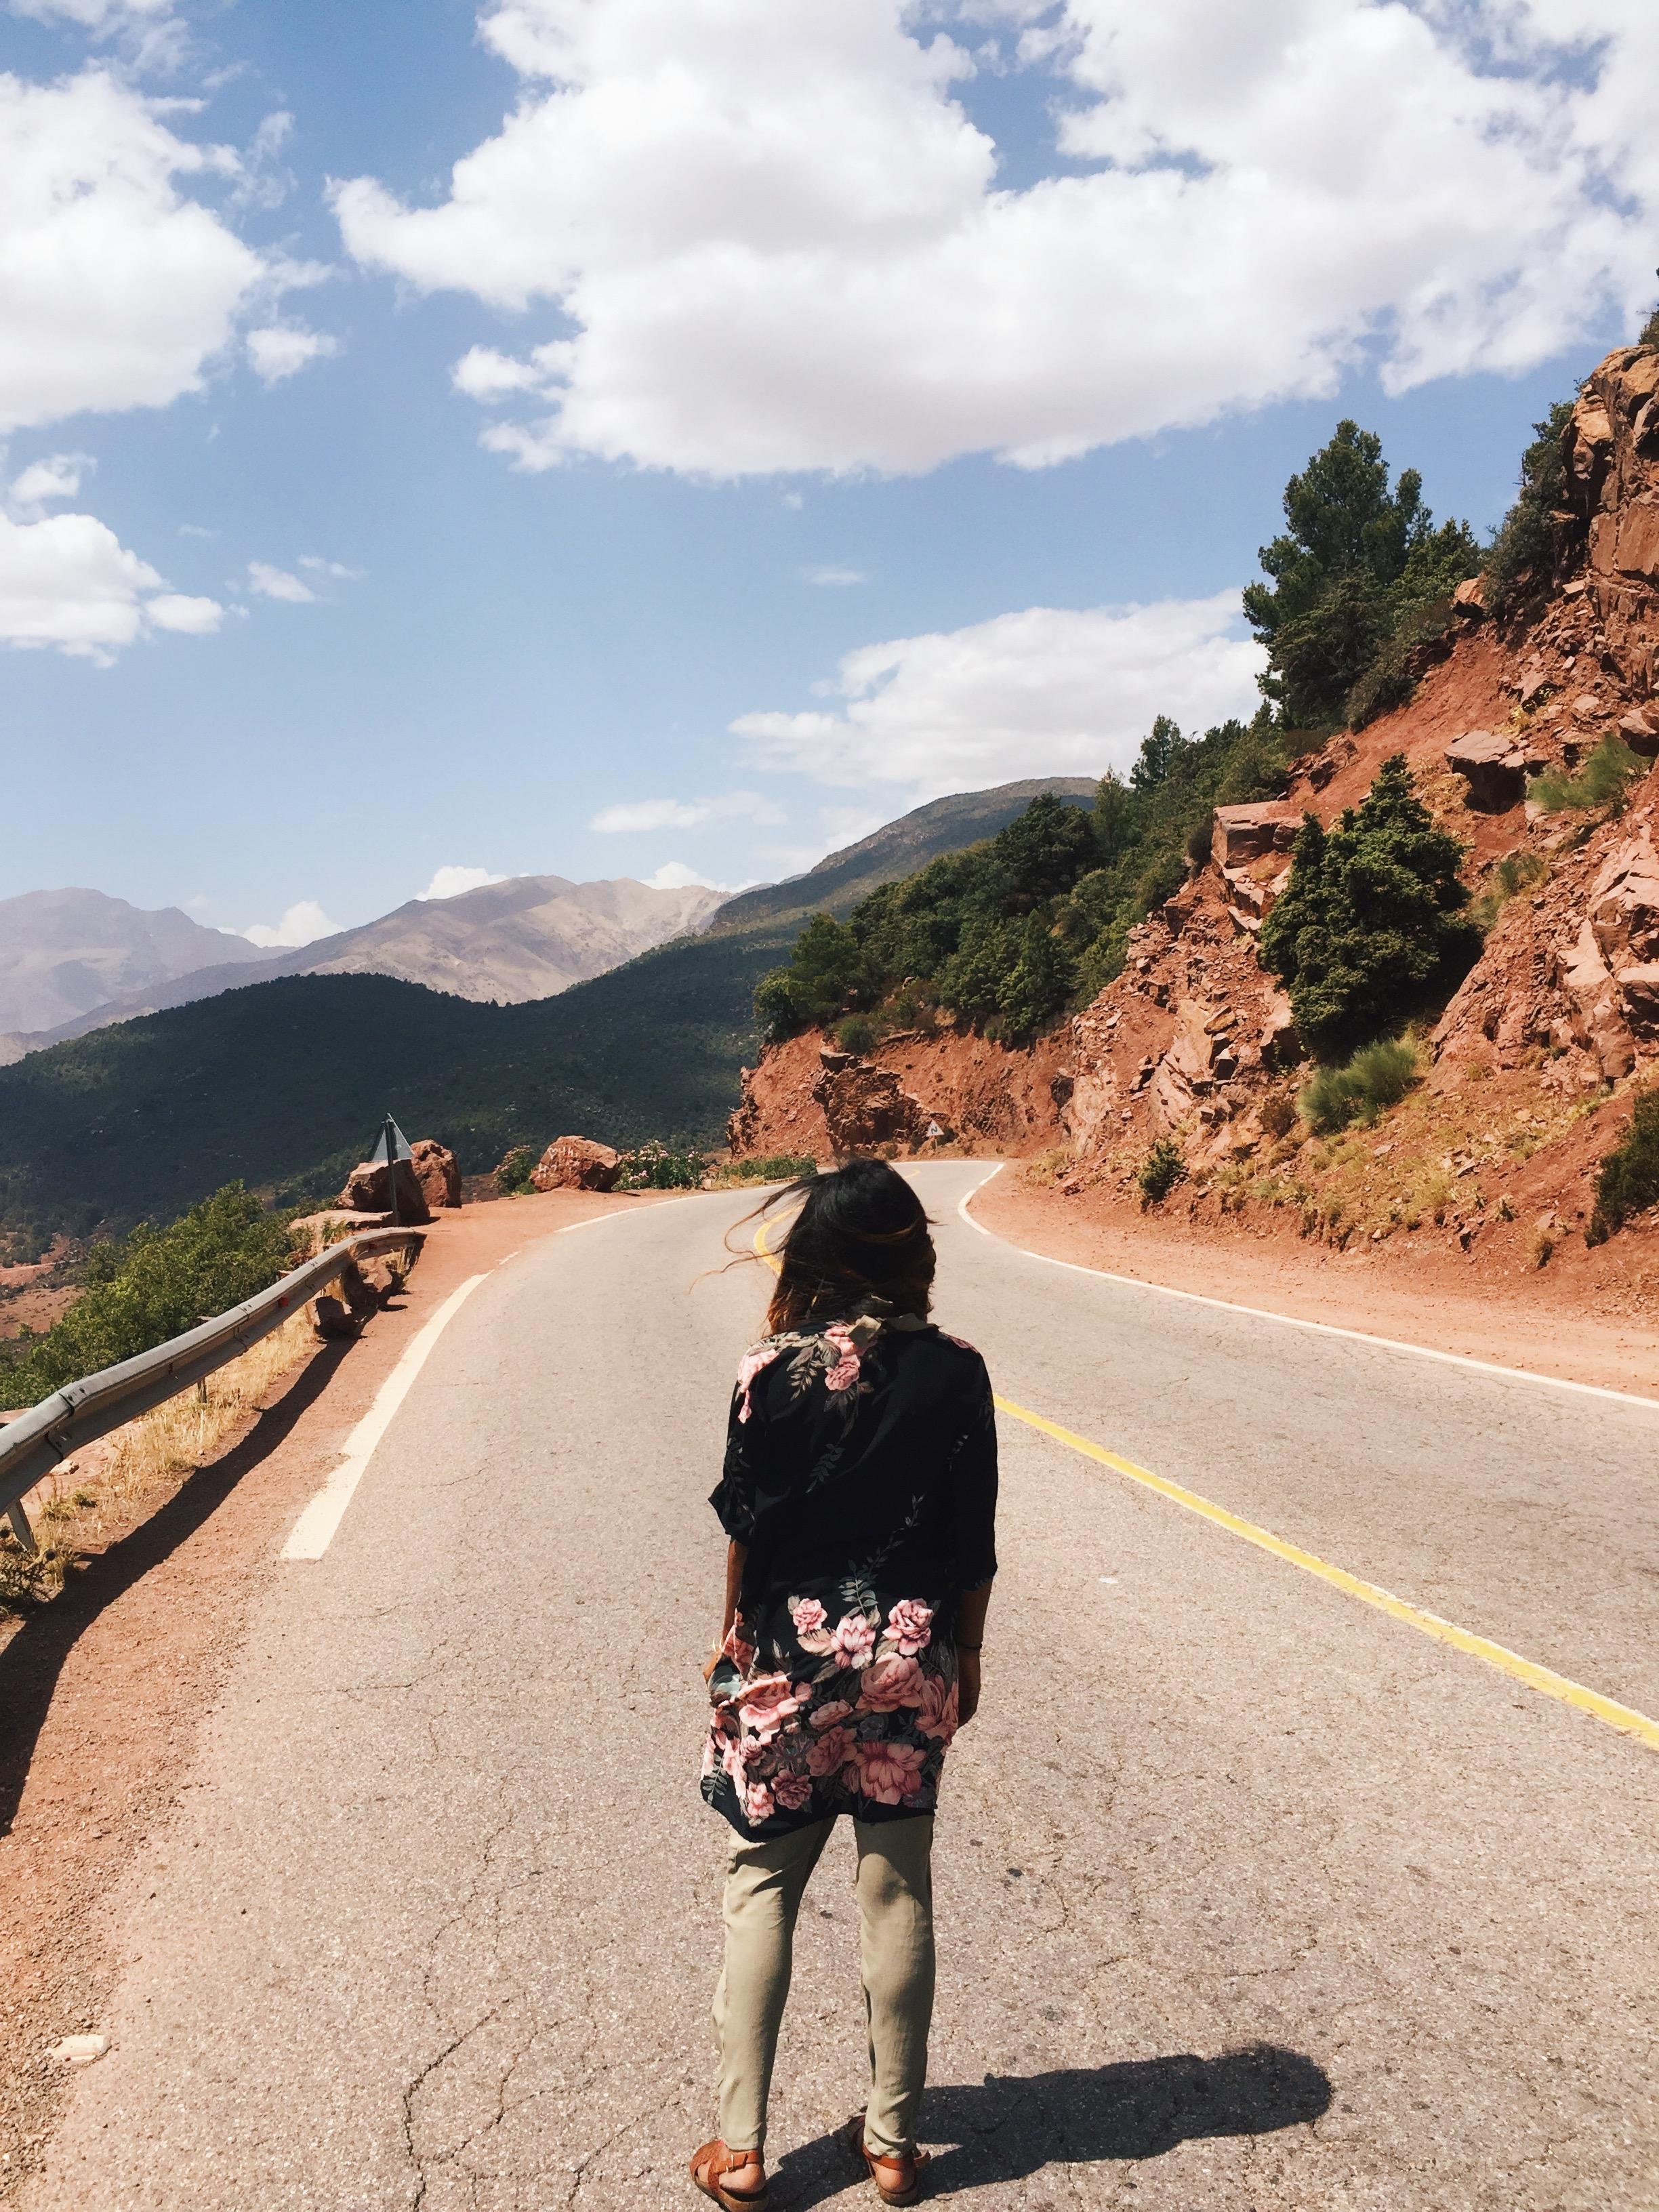 Marrakech Tour to Dades Valley